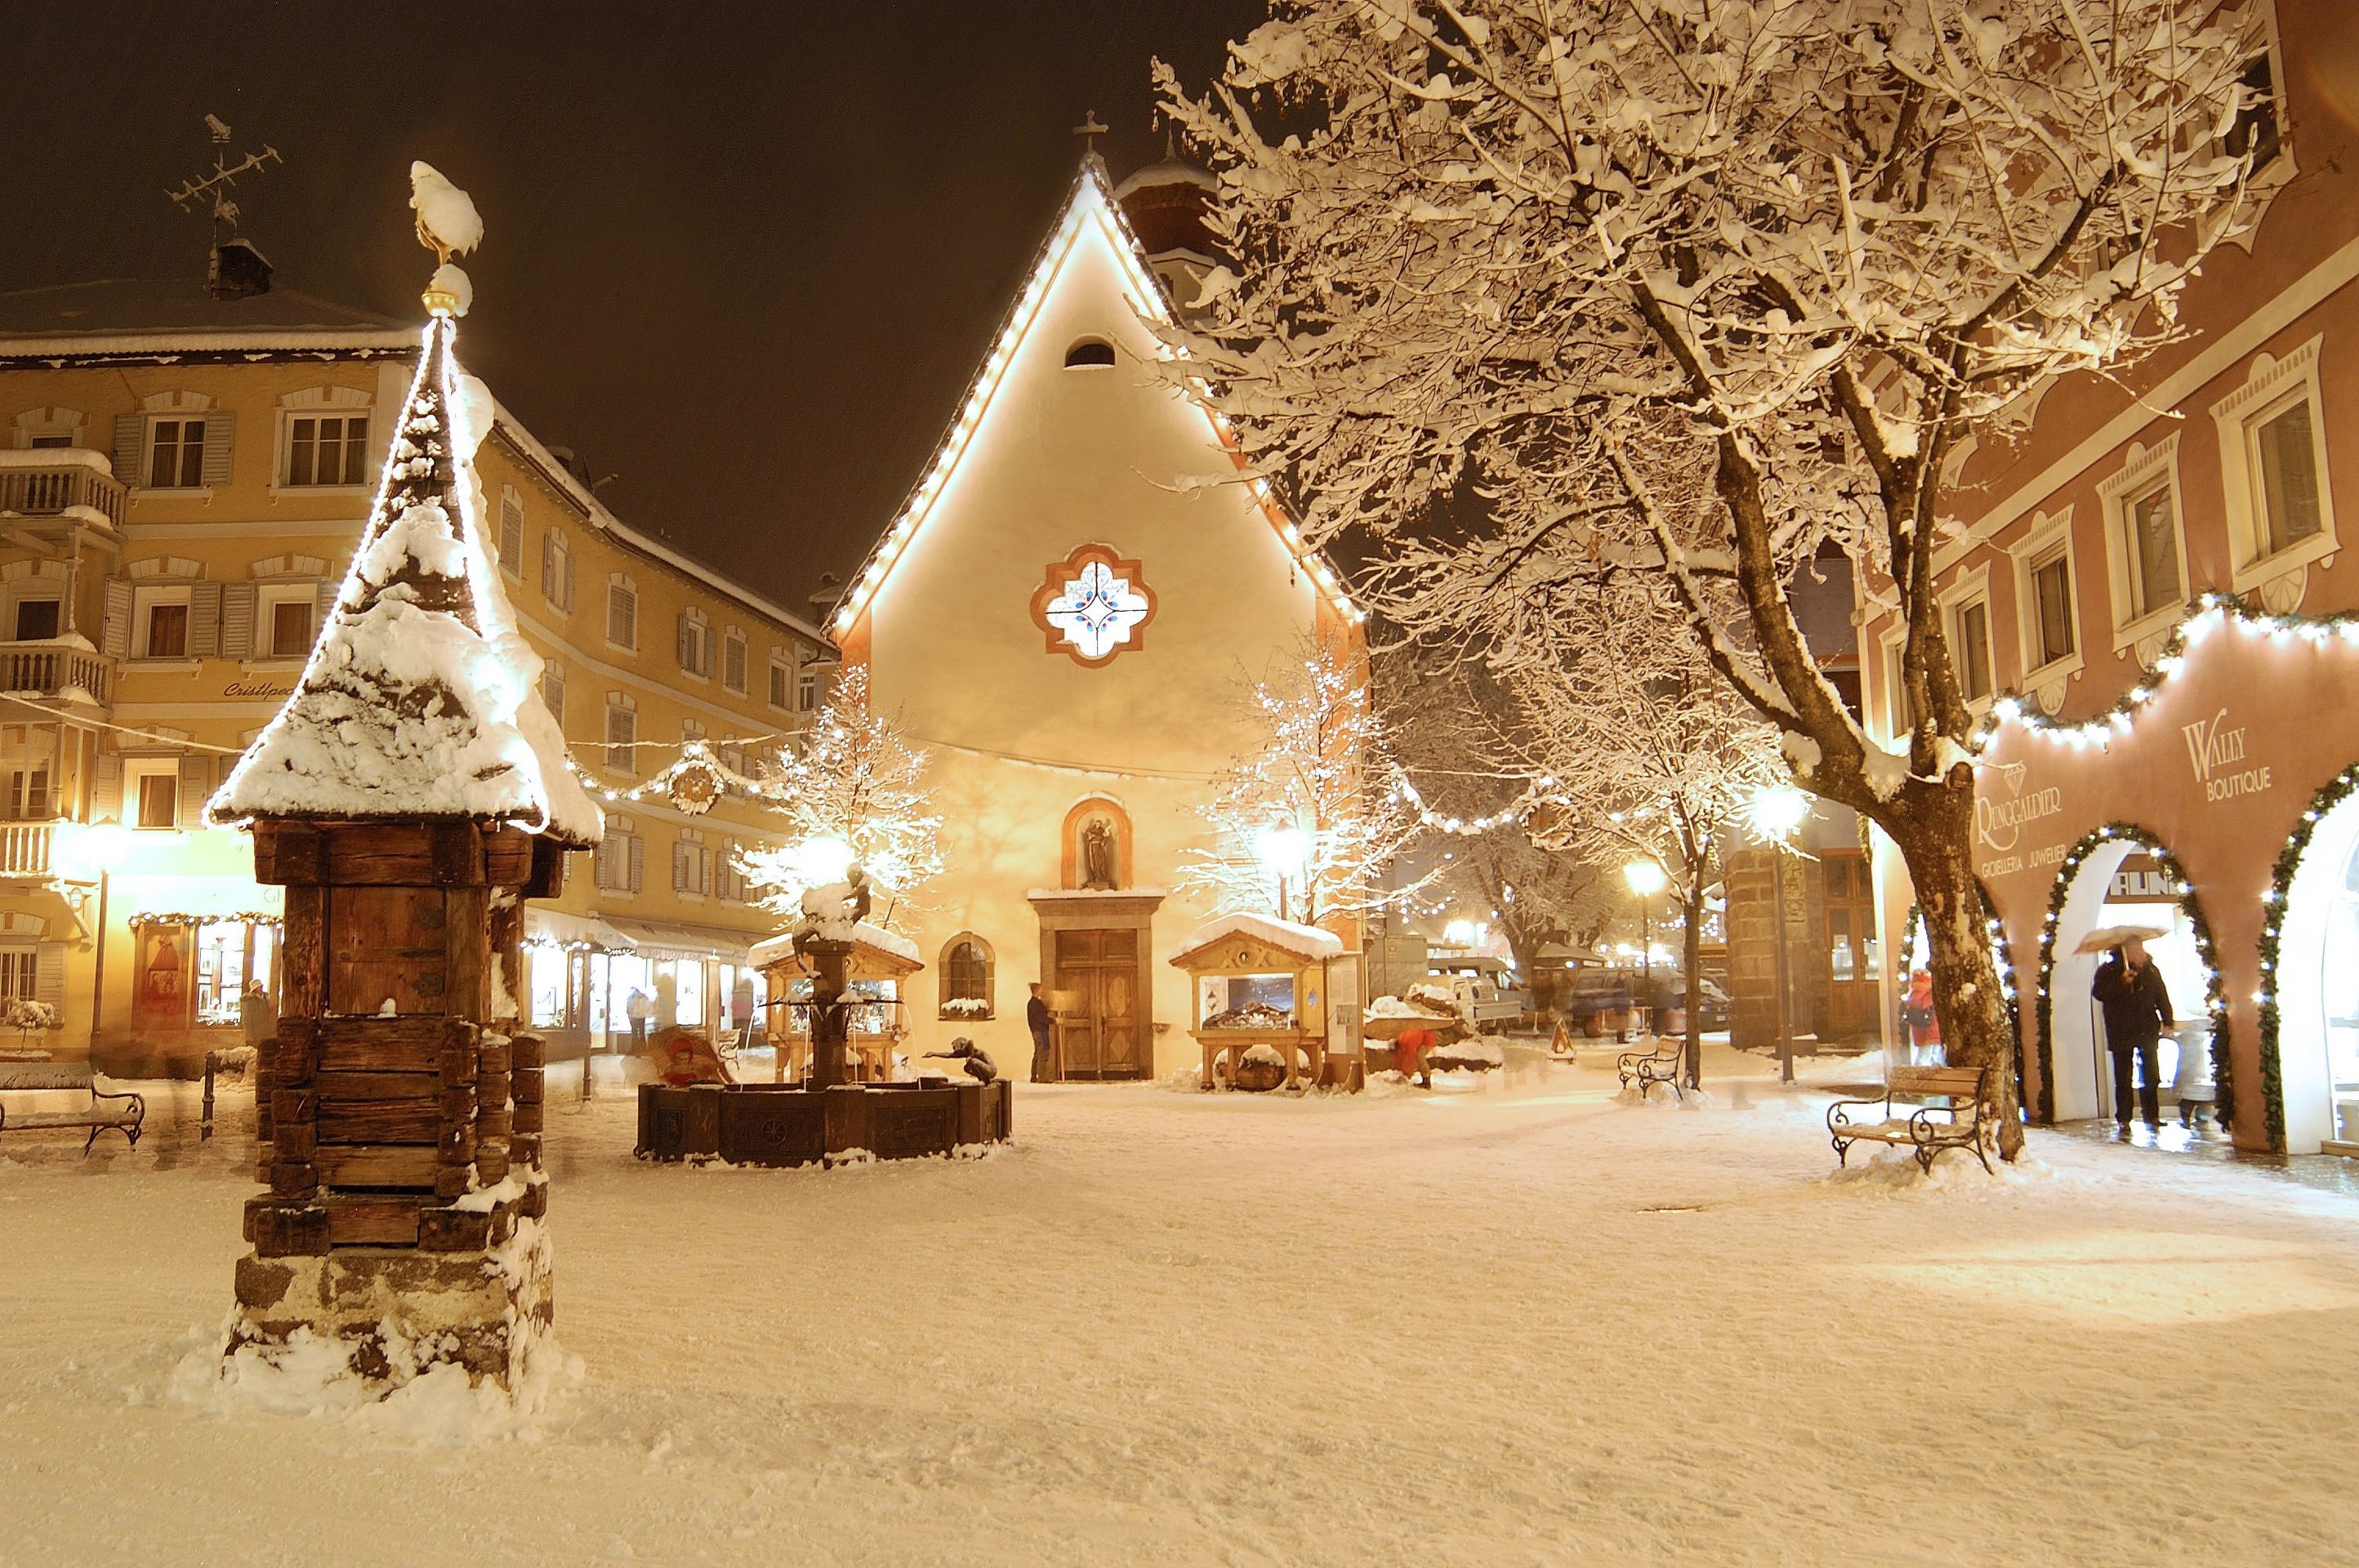 картинки зимний город красивые дома очень